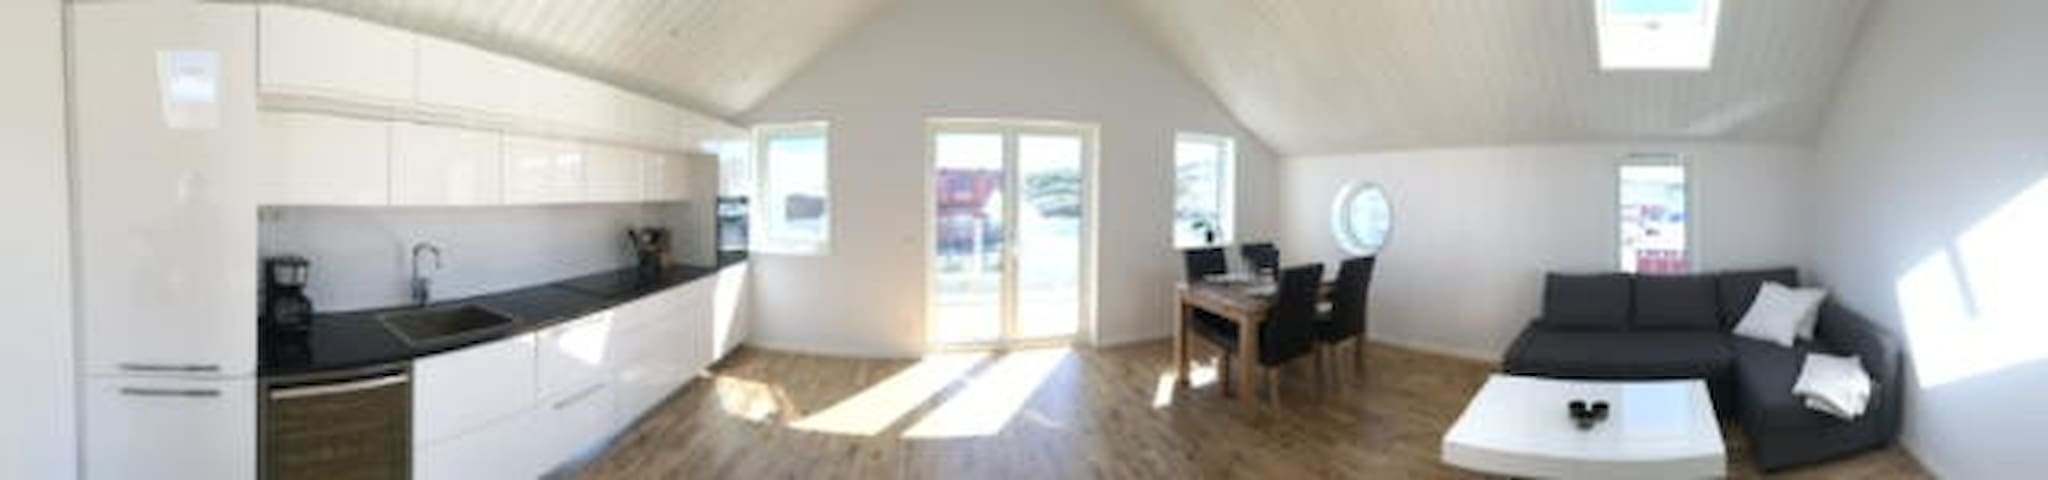 Nybyggd lägenhet vid Smögenhamnen - Sotenäs S - Appartement